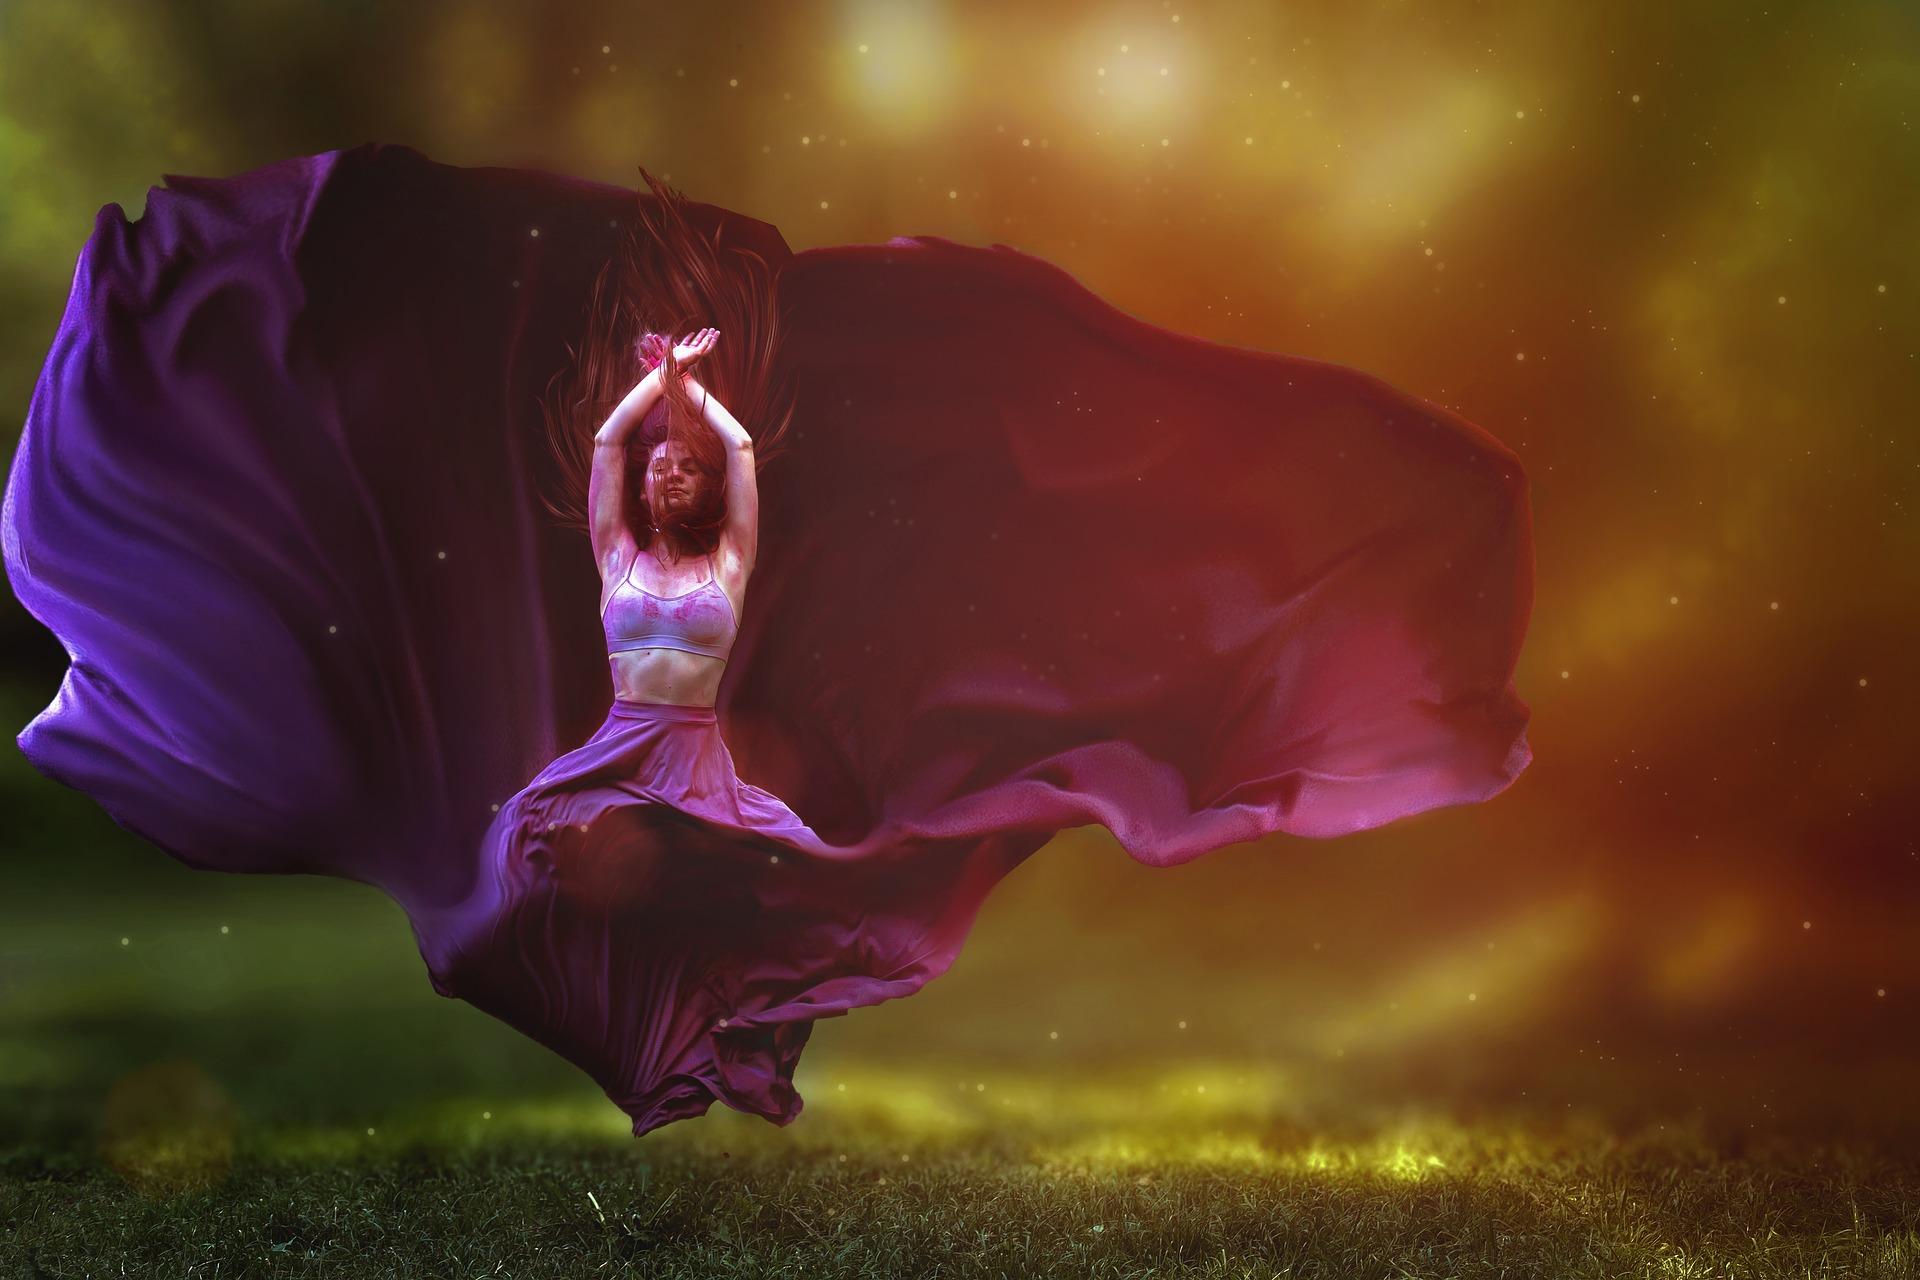 Vereint ... Tanz der Liebe der Weiblichkeit mit der männlichen Energie in ihr - SeelenEINS